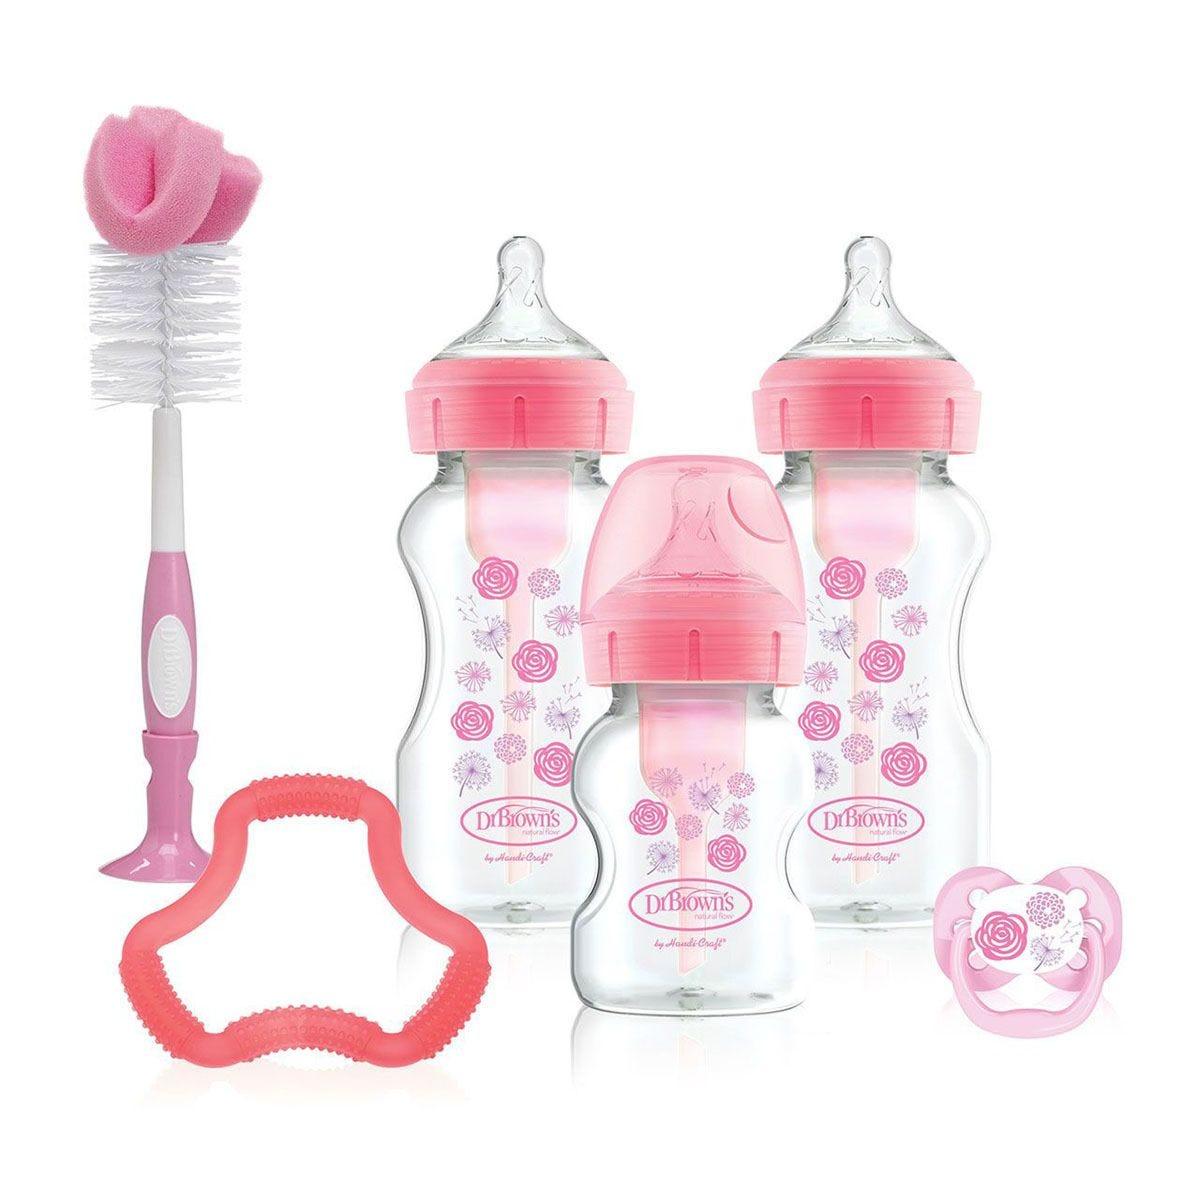 Dr Brown's DBWB03601 Options+ Gift Set – Pink